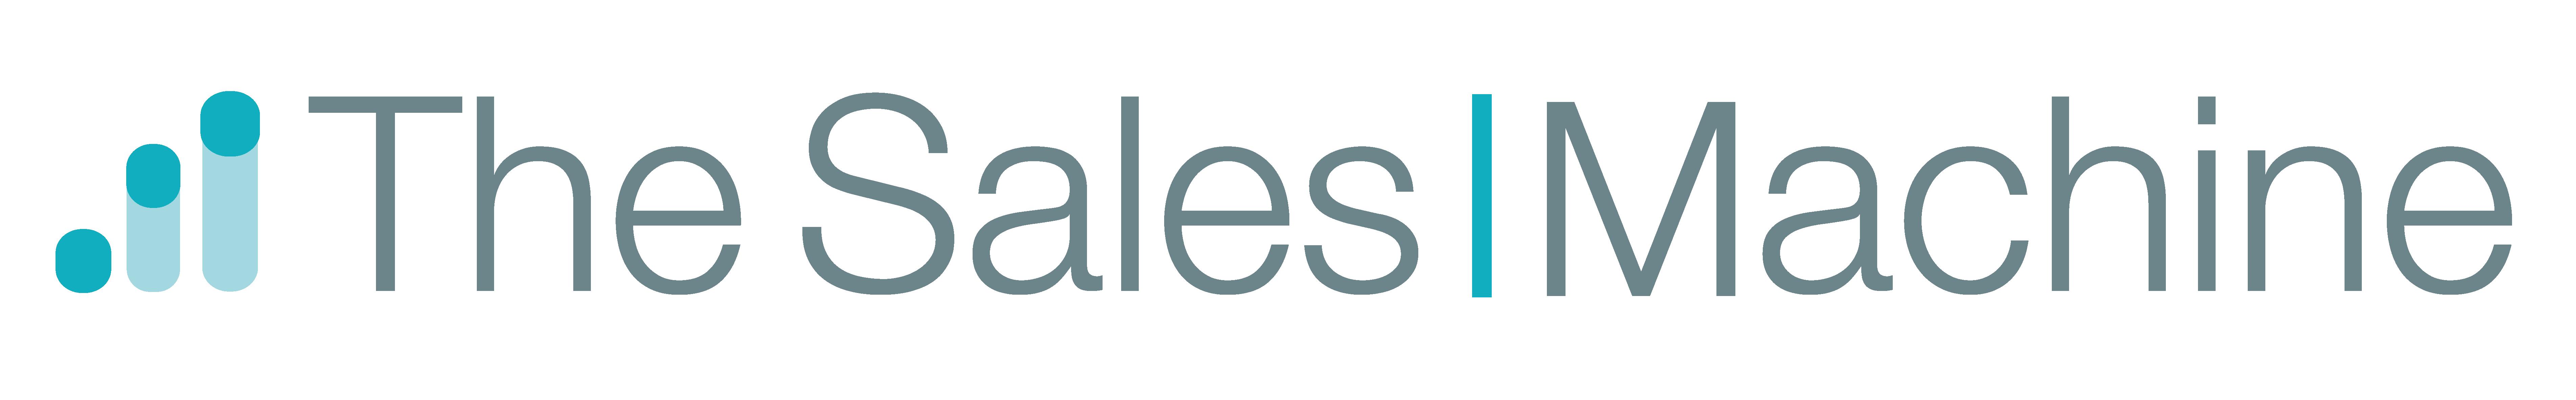 logo sans baseline.png